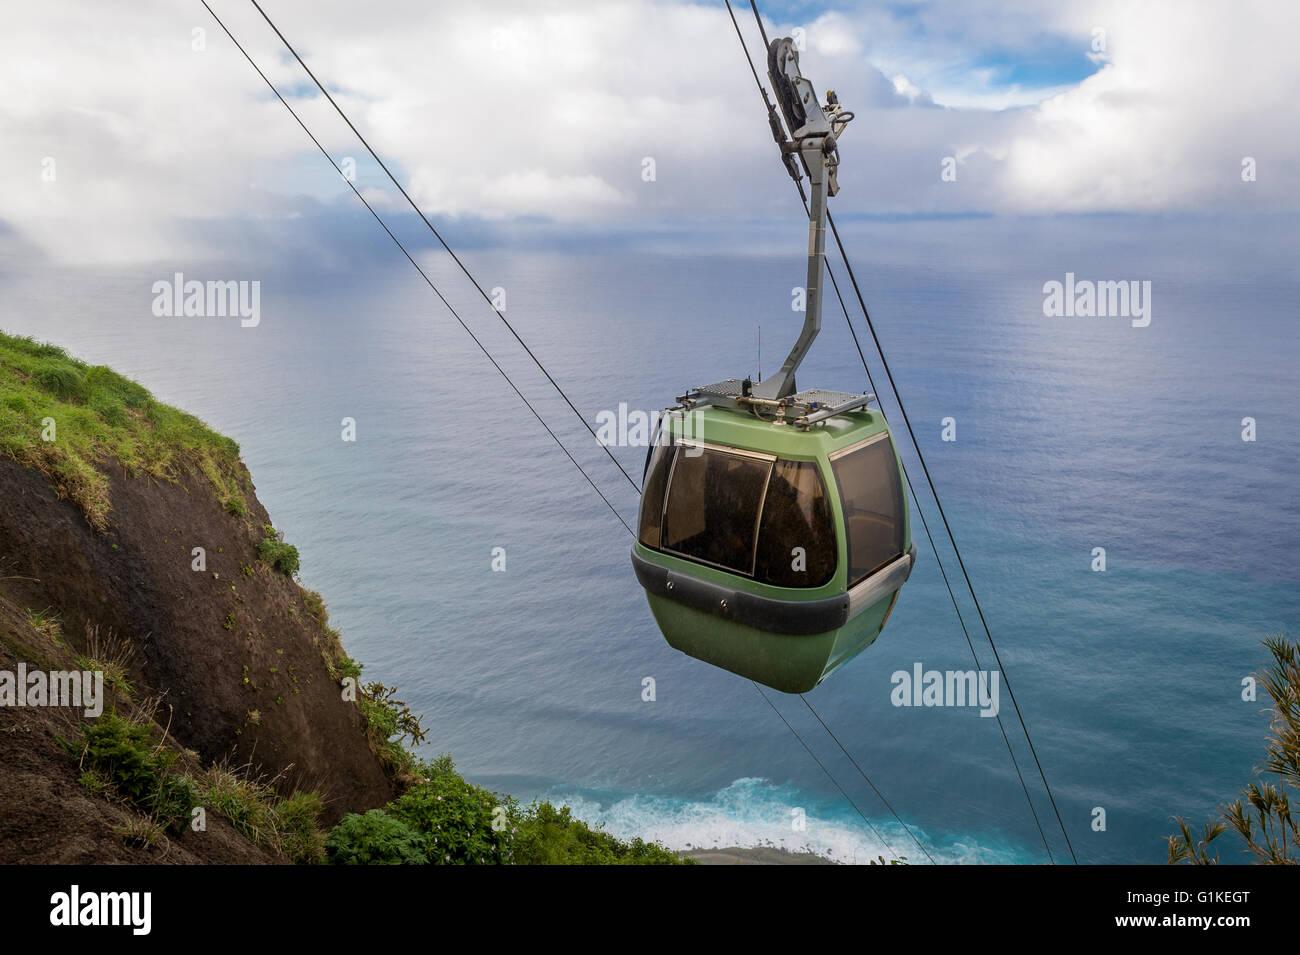 Cable car in Calhau das Achadas viewpoint - Stock Image